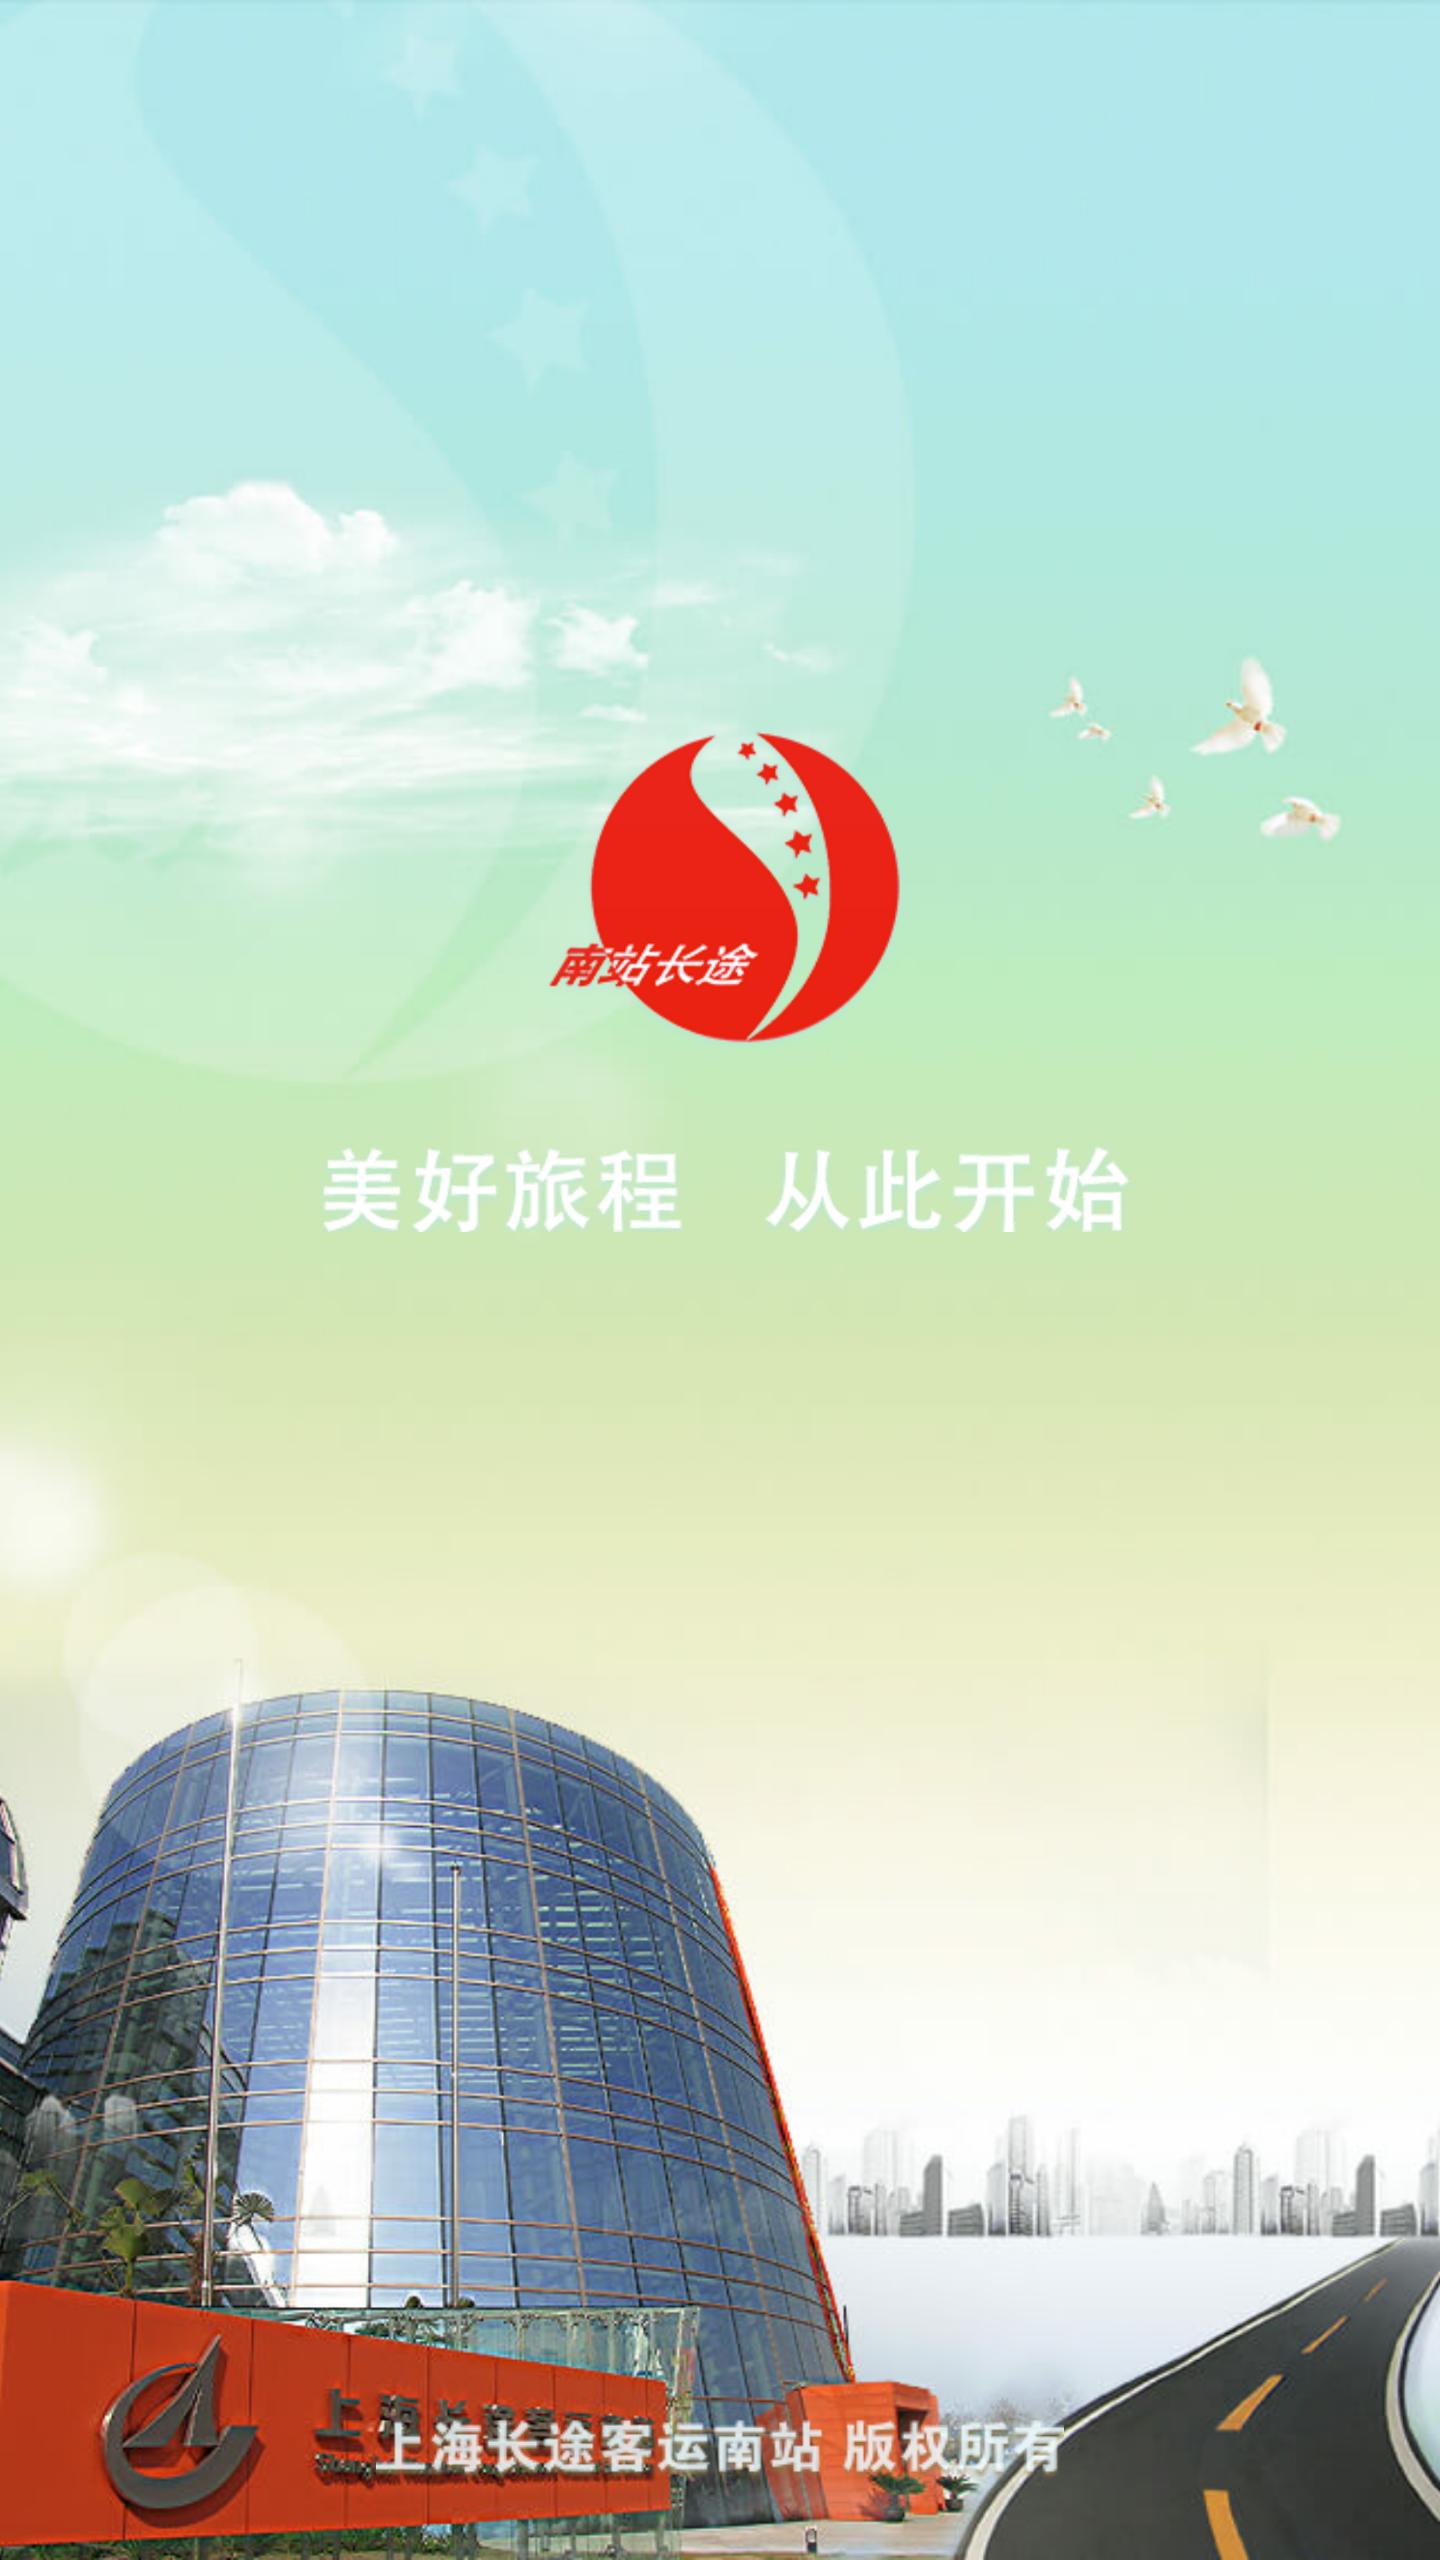 上海长途南站游戏截图1